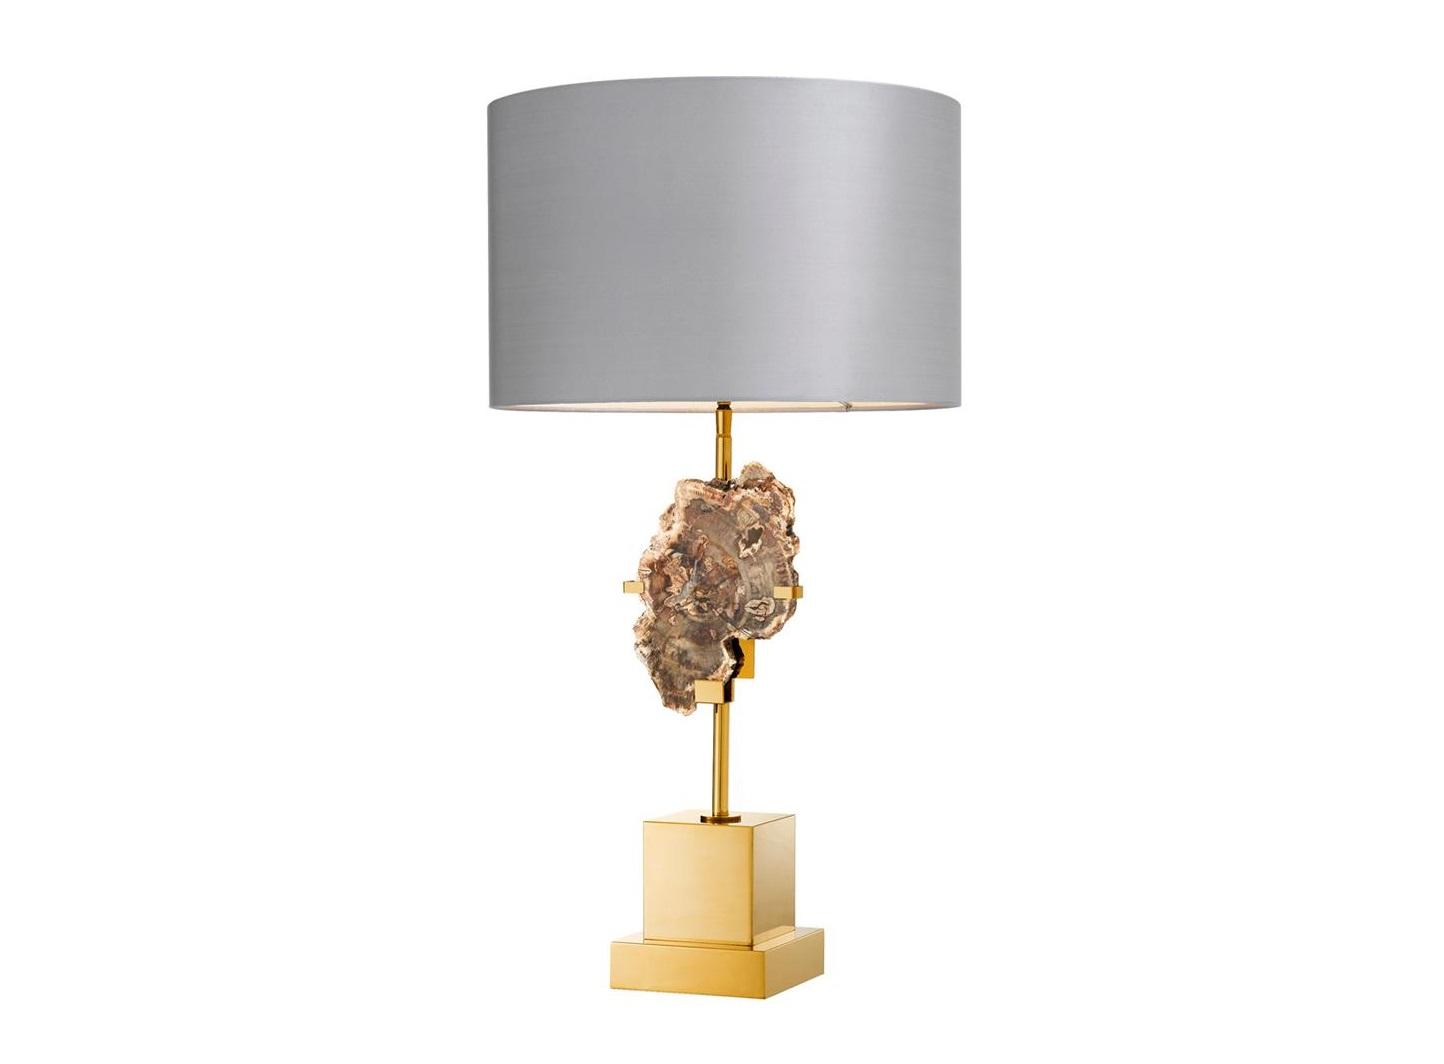 Настольная лампаДекоративные лампы<br>Настольная лампа Table Lamp Divini на основании из металла золотого цвета. Декор: натуральный древесный элемент на основании. Текстильный абажур серебристо-серого цвета скрывает лампу.&amp;lt;div&amp;gt;&amp;lt;br&amp;gt;&amp;lt;/div&amp;gt;&amp;lt;div&amp;gt;&amp;lt;div&amp;gt;Тип цоколя: E27&amp;lt;/div&amp;gt;&amp;lt;div&amp;gt;Мощность: 40W&amp;lt;/div&amp;gt;&amp;lt;div&amp;gt;Кол-во ламп: 1 (нет в комплекте)&amp;lt;/div&amp;gt;&amp;lt;/div&amp;gt;<br><br>Material: Металл<br>Высота см: 74